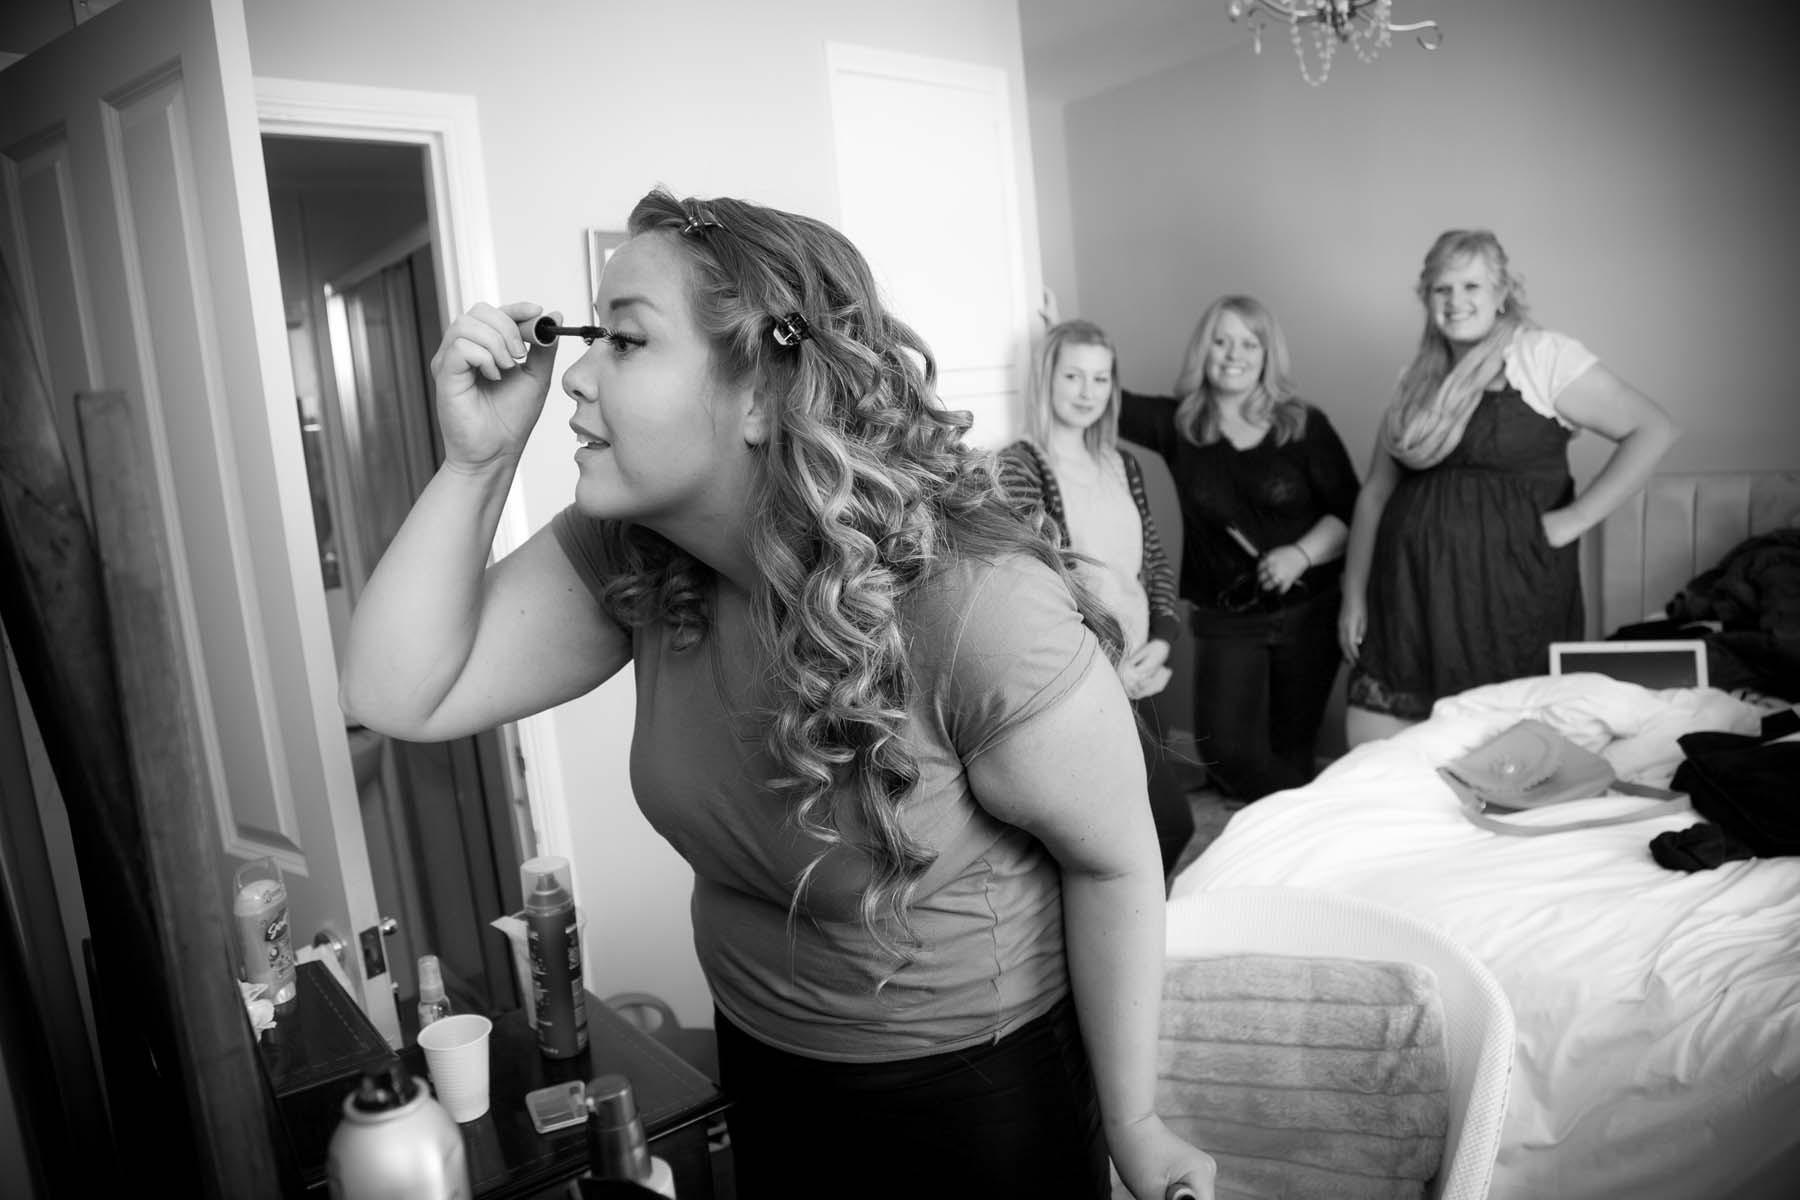 Sussex & Surrey Wedding Photographer - Preparation (13)